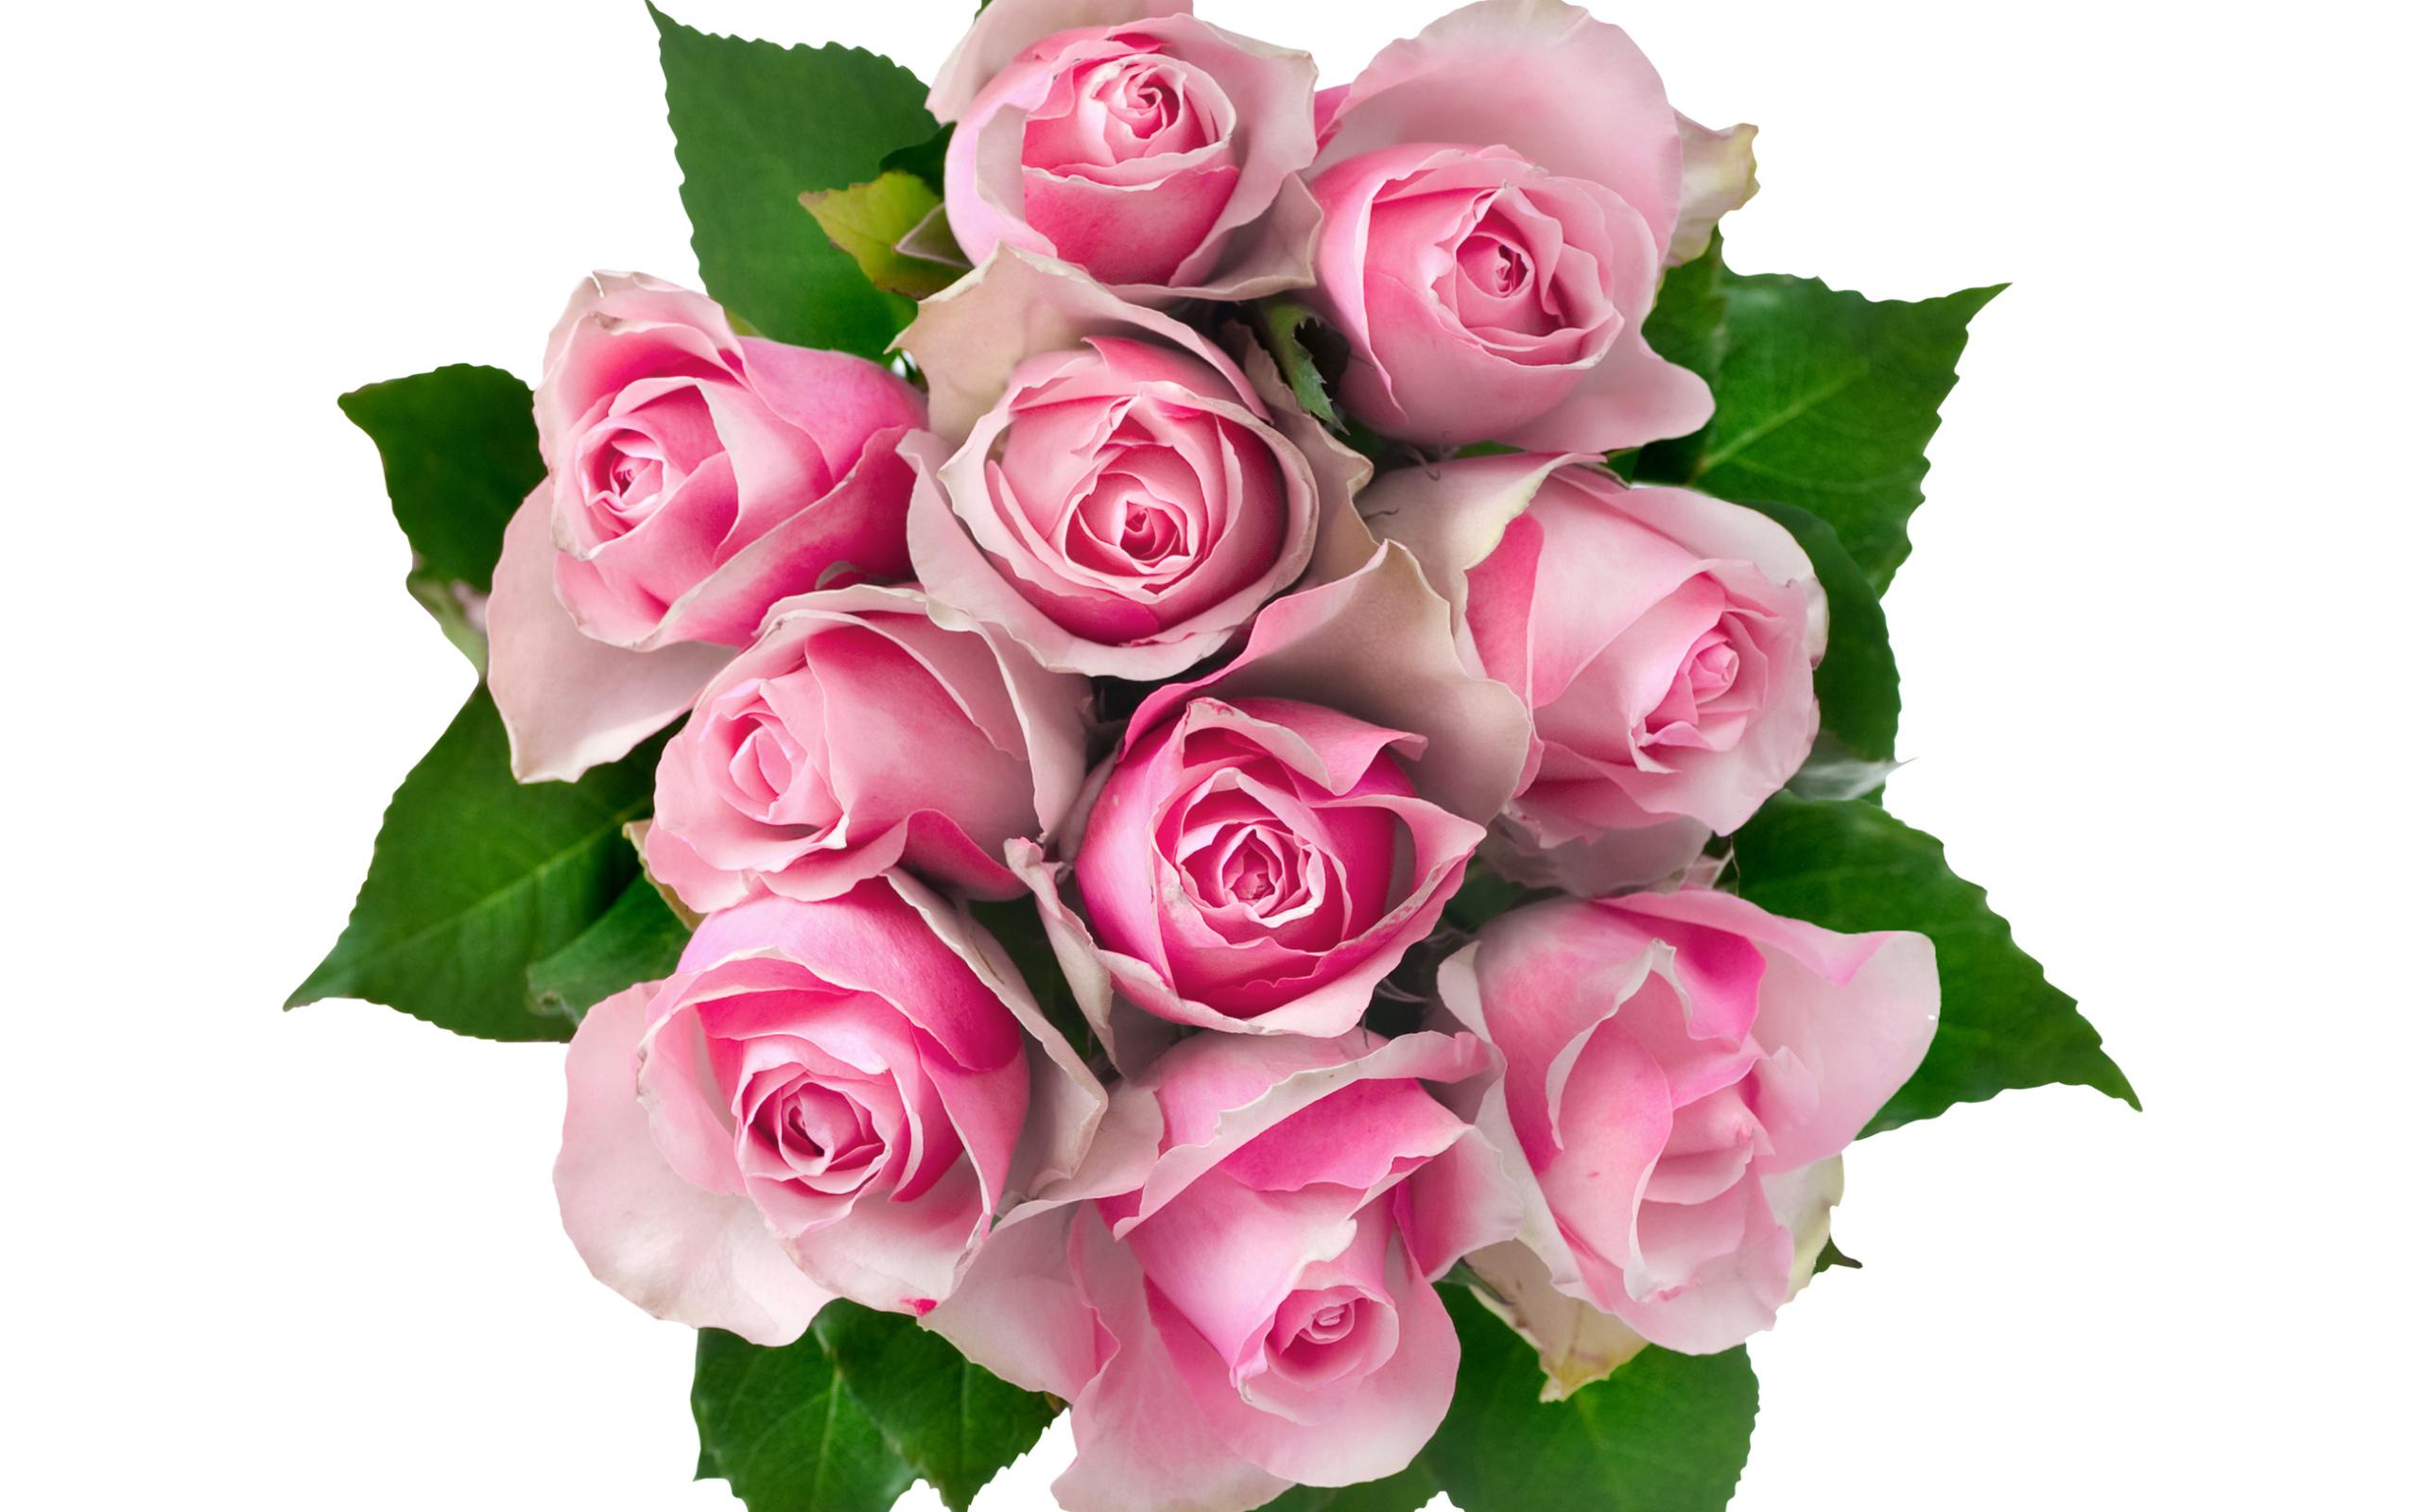 Картинки розовые розы на белом фоне, прикольный рыжий